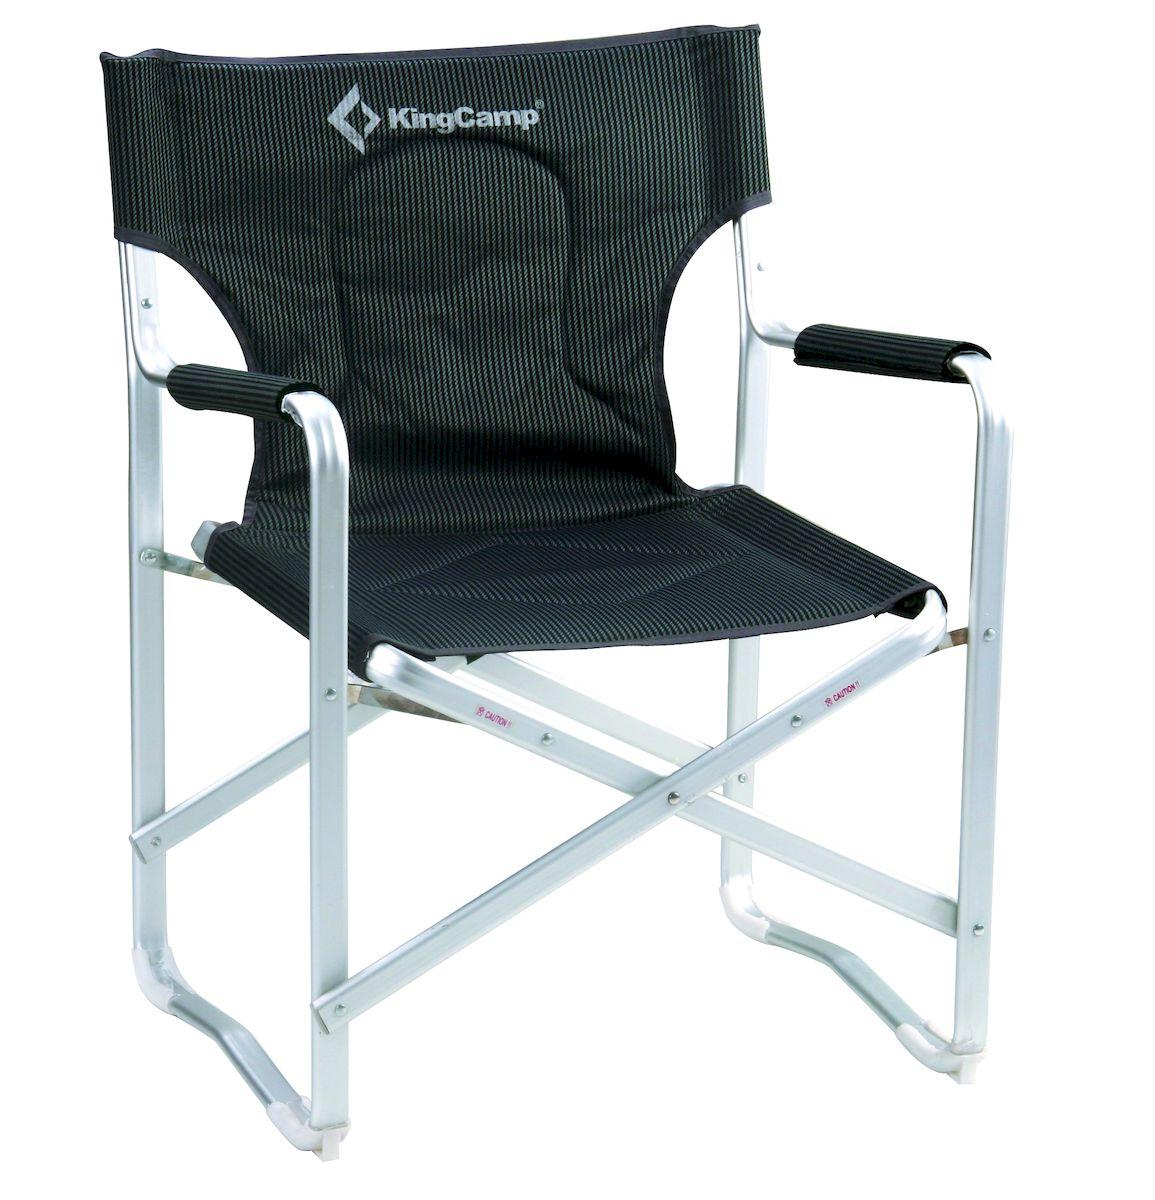 Кресло складное KingCamp DIRECTOR DELUX KC3811, цвет: черно-серый кресло складное kingcamp moon leisure chair цвет зеленый